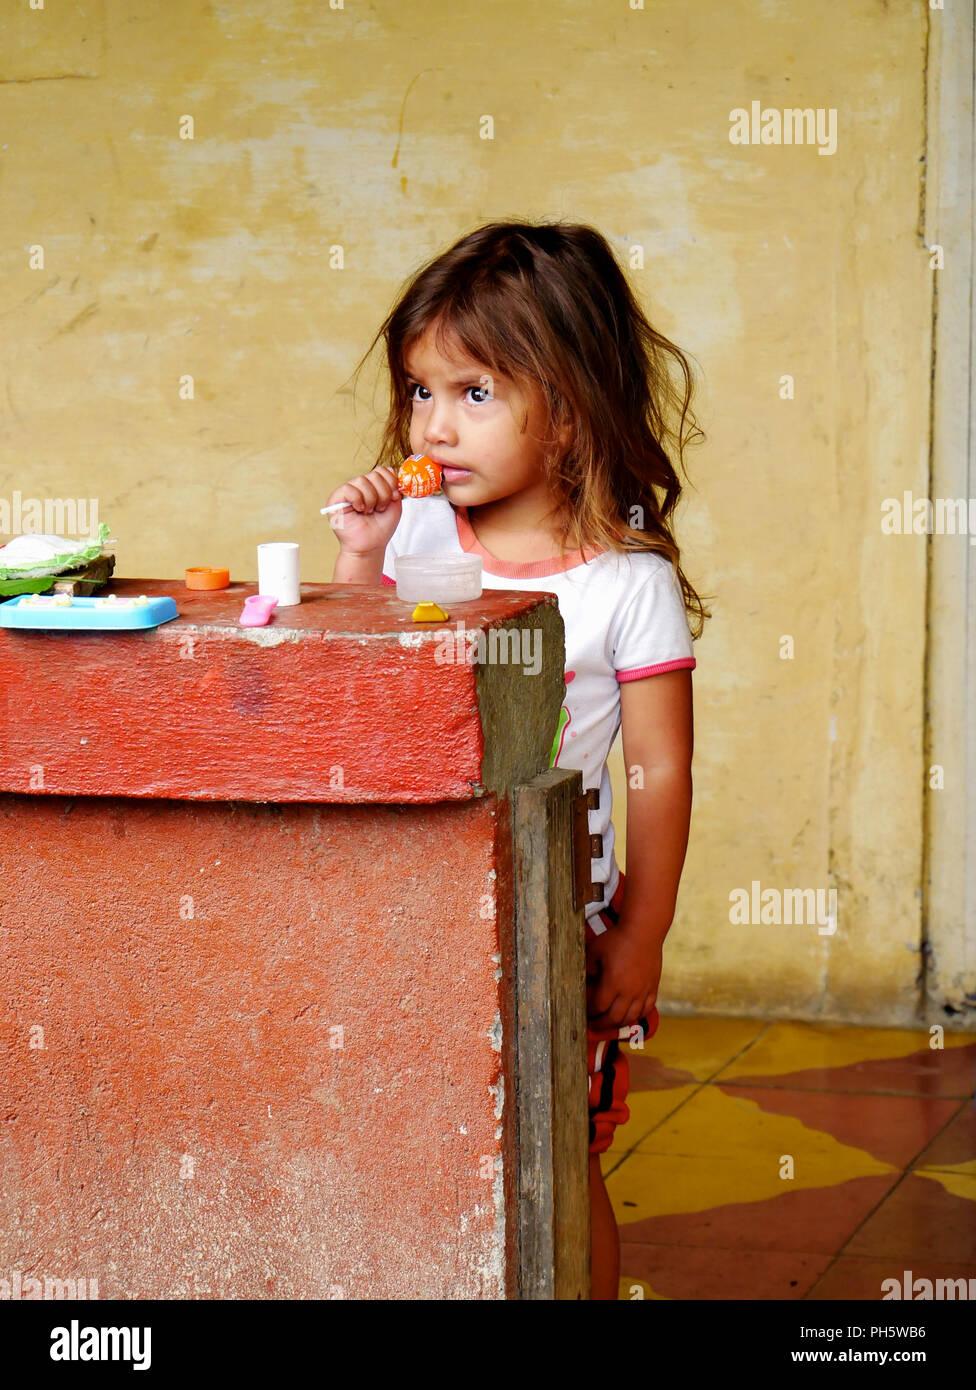 Pobre Muchacha comiendo una piruleta sin abrir en su casa durante una misión católica en semana santa Imagen De Stock